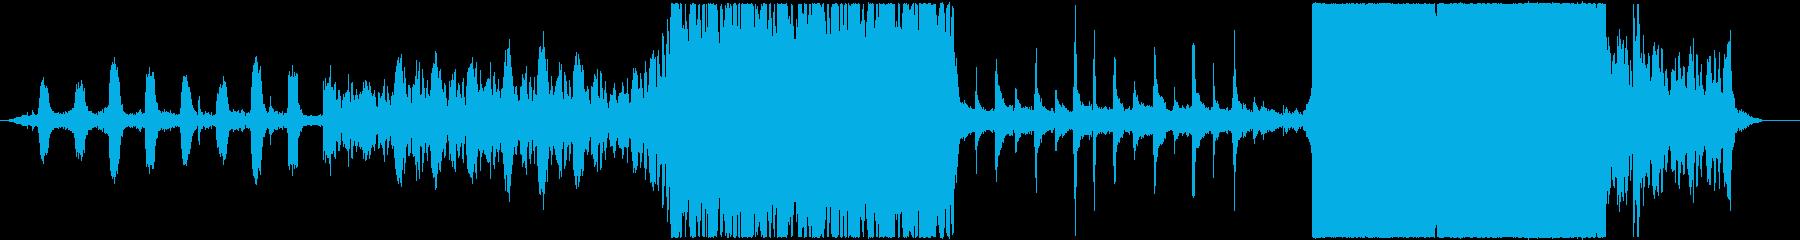 サスペンス映画のメインテーマの再生済みの波形